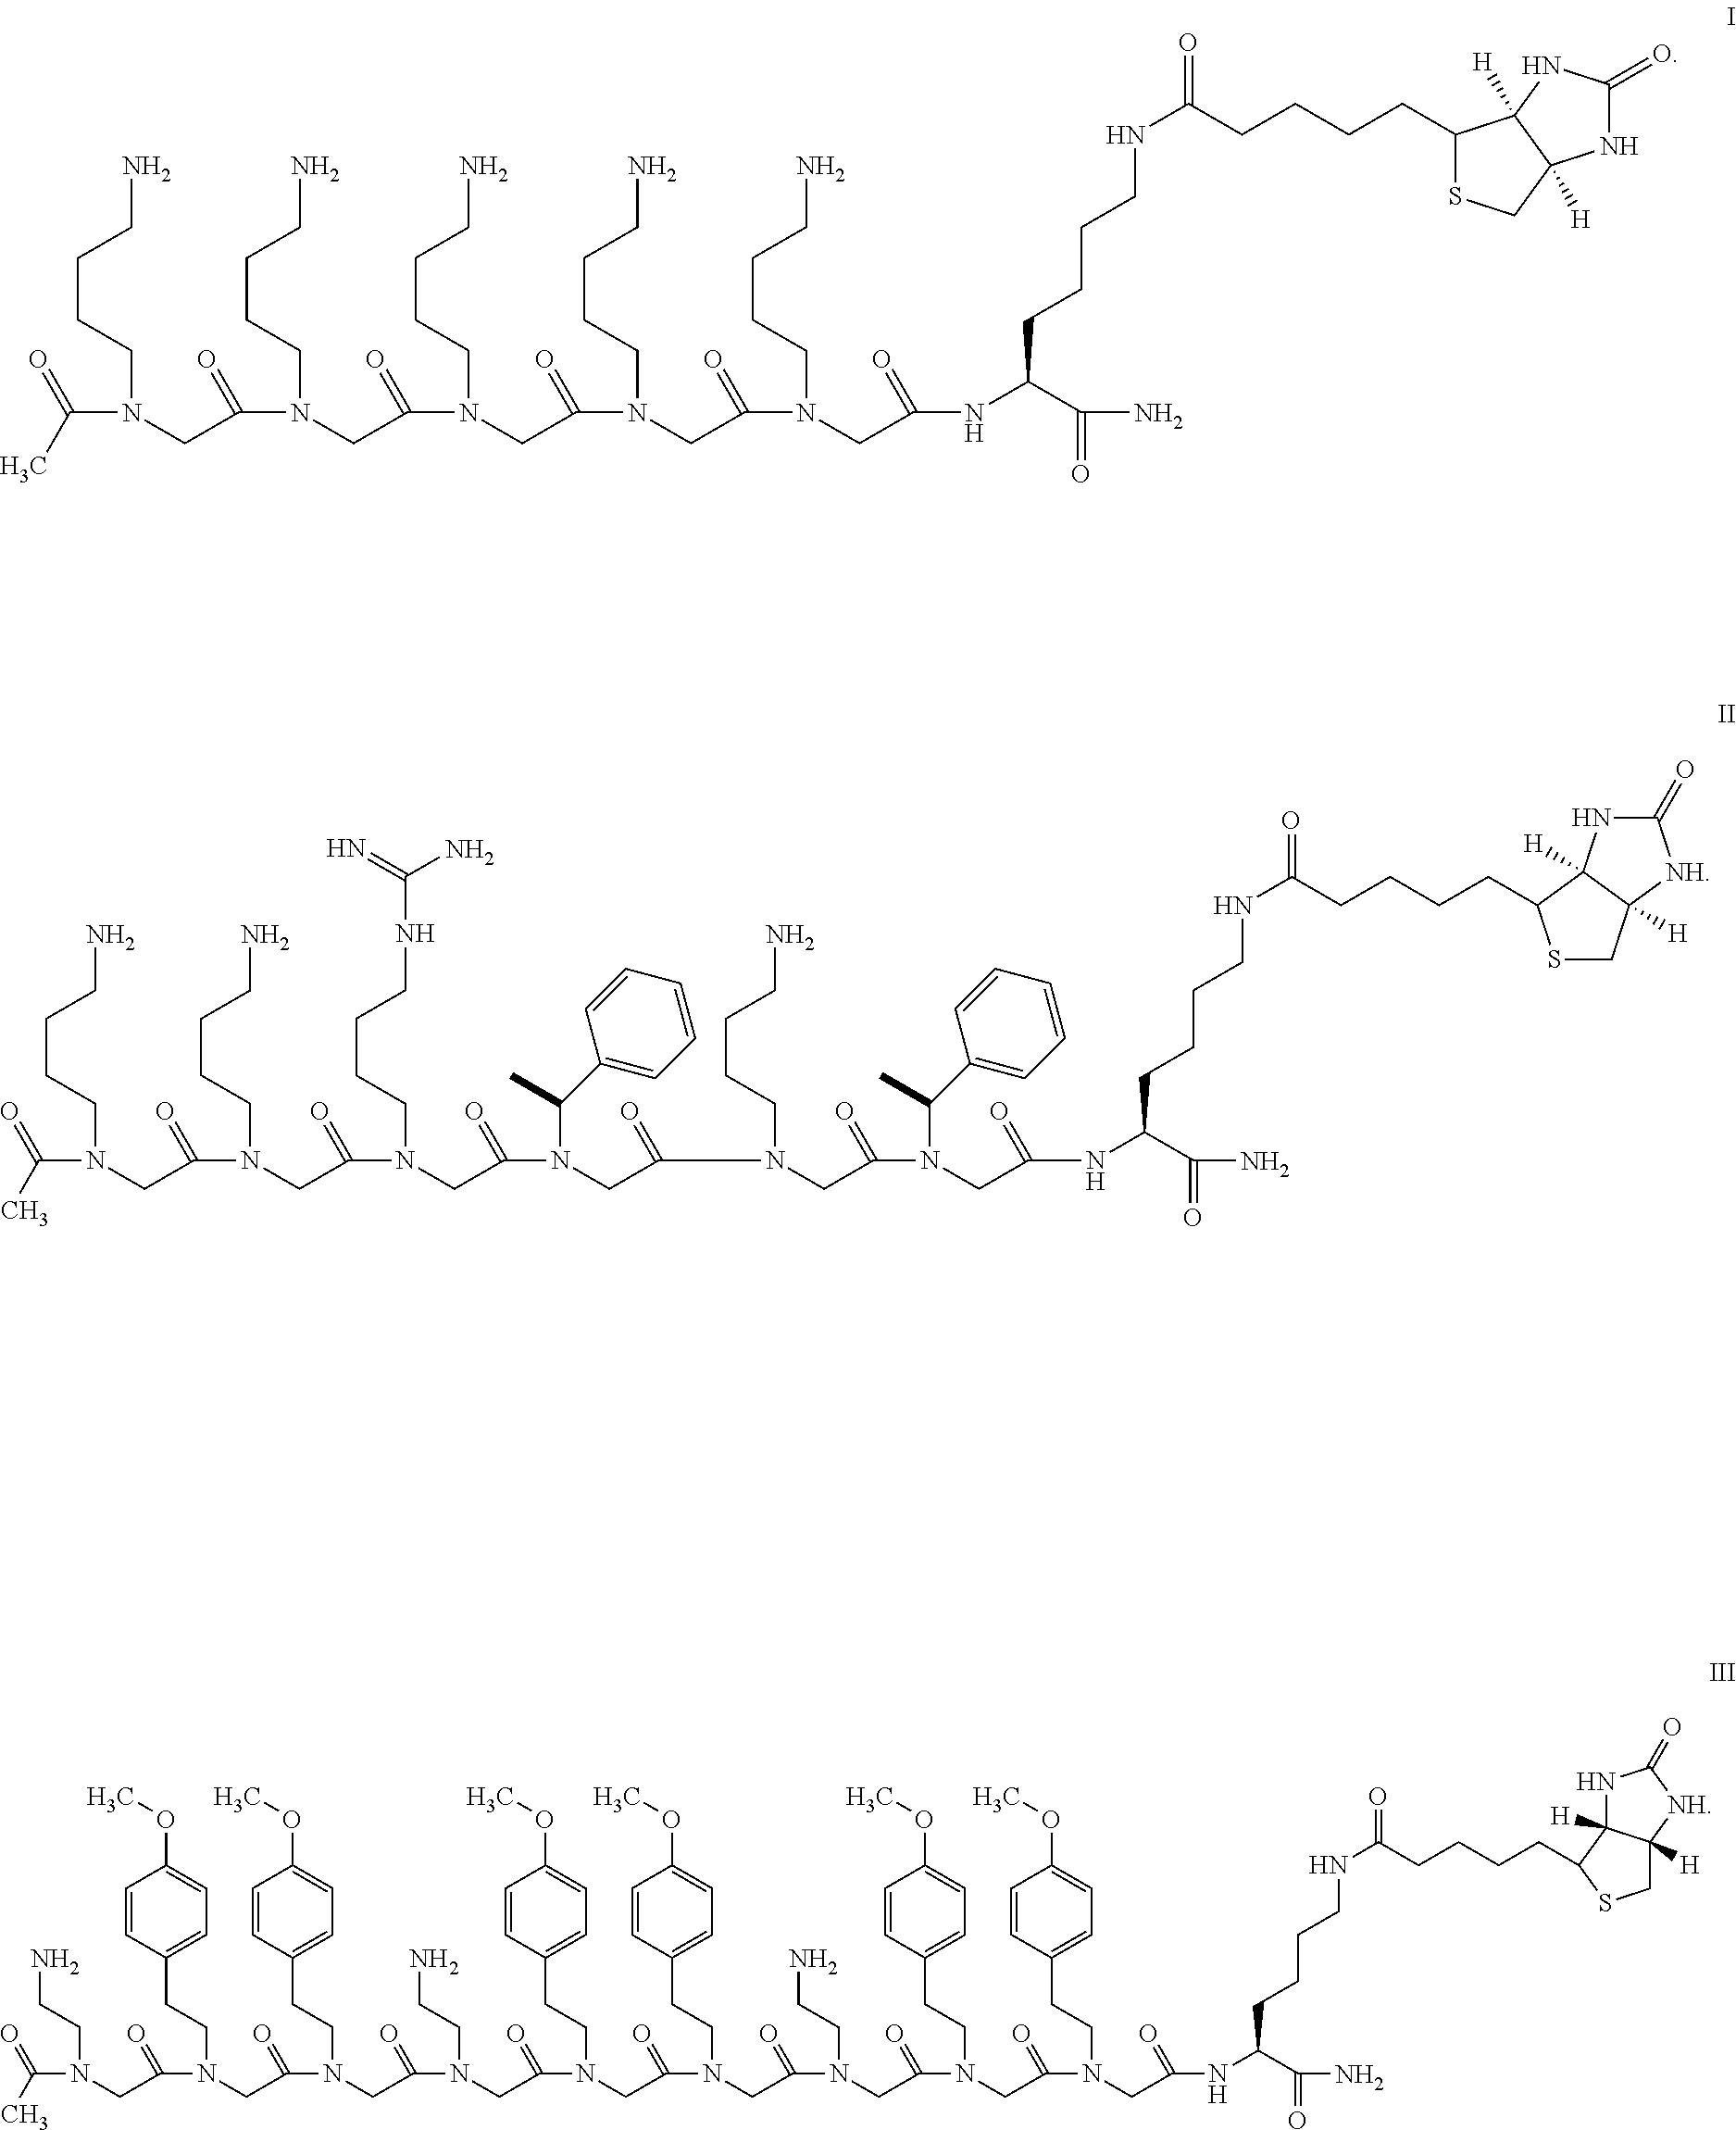 Figure US20110189692A1-20110804-C00056